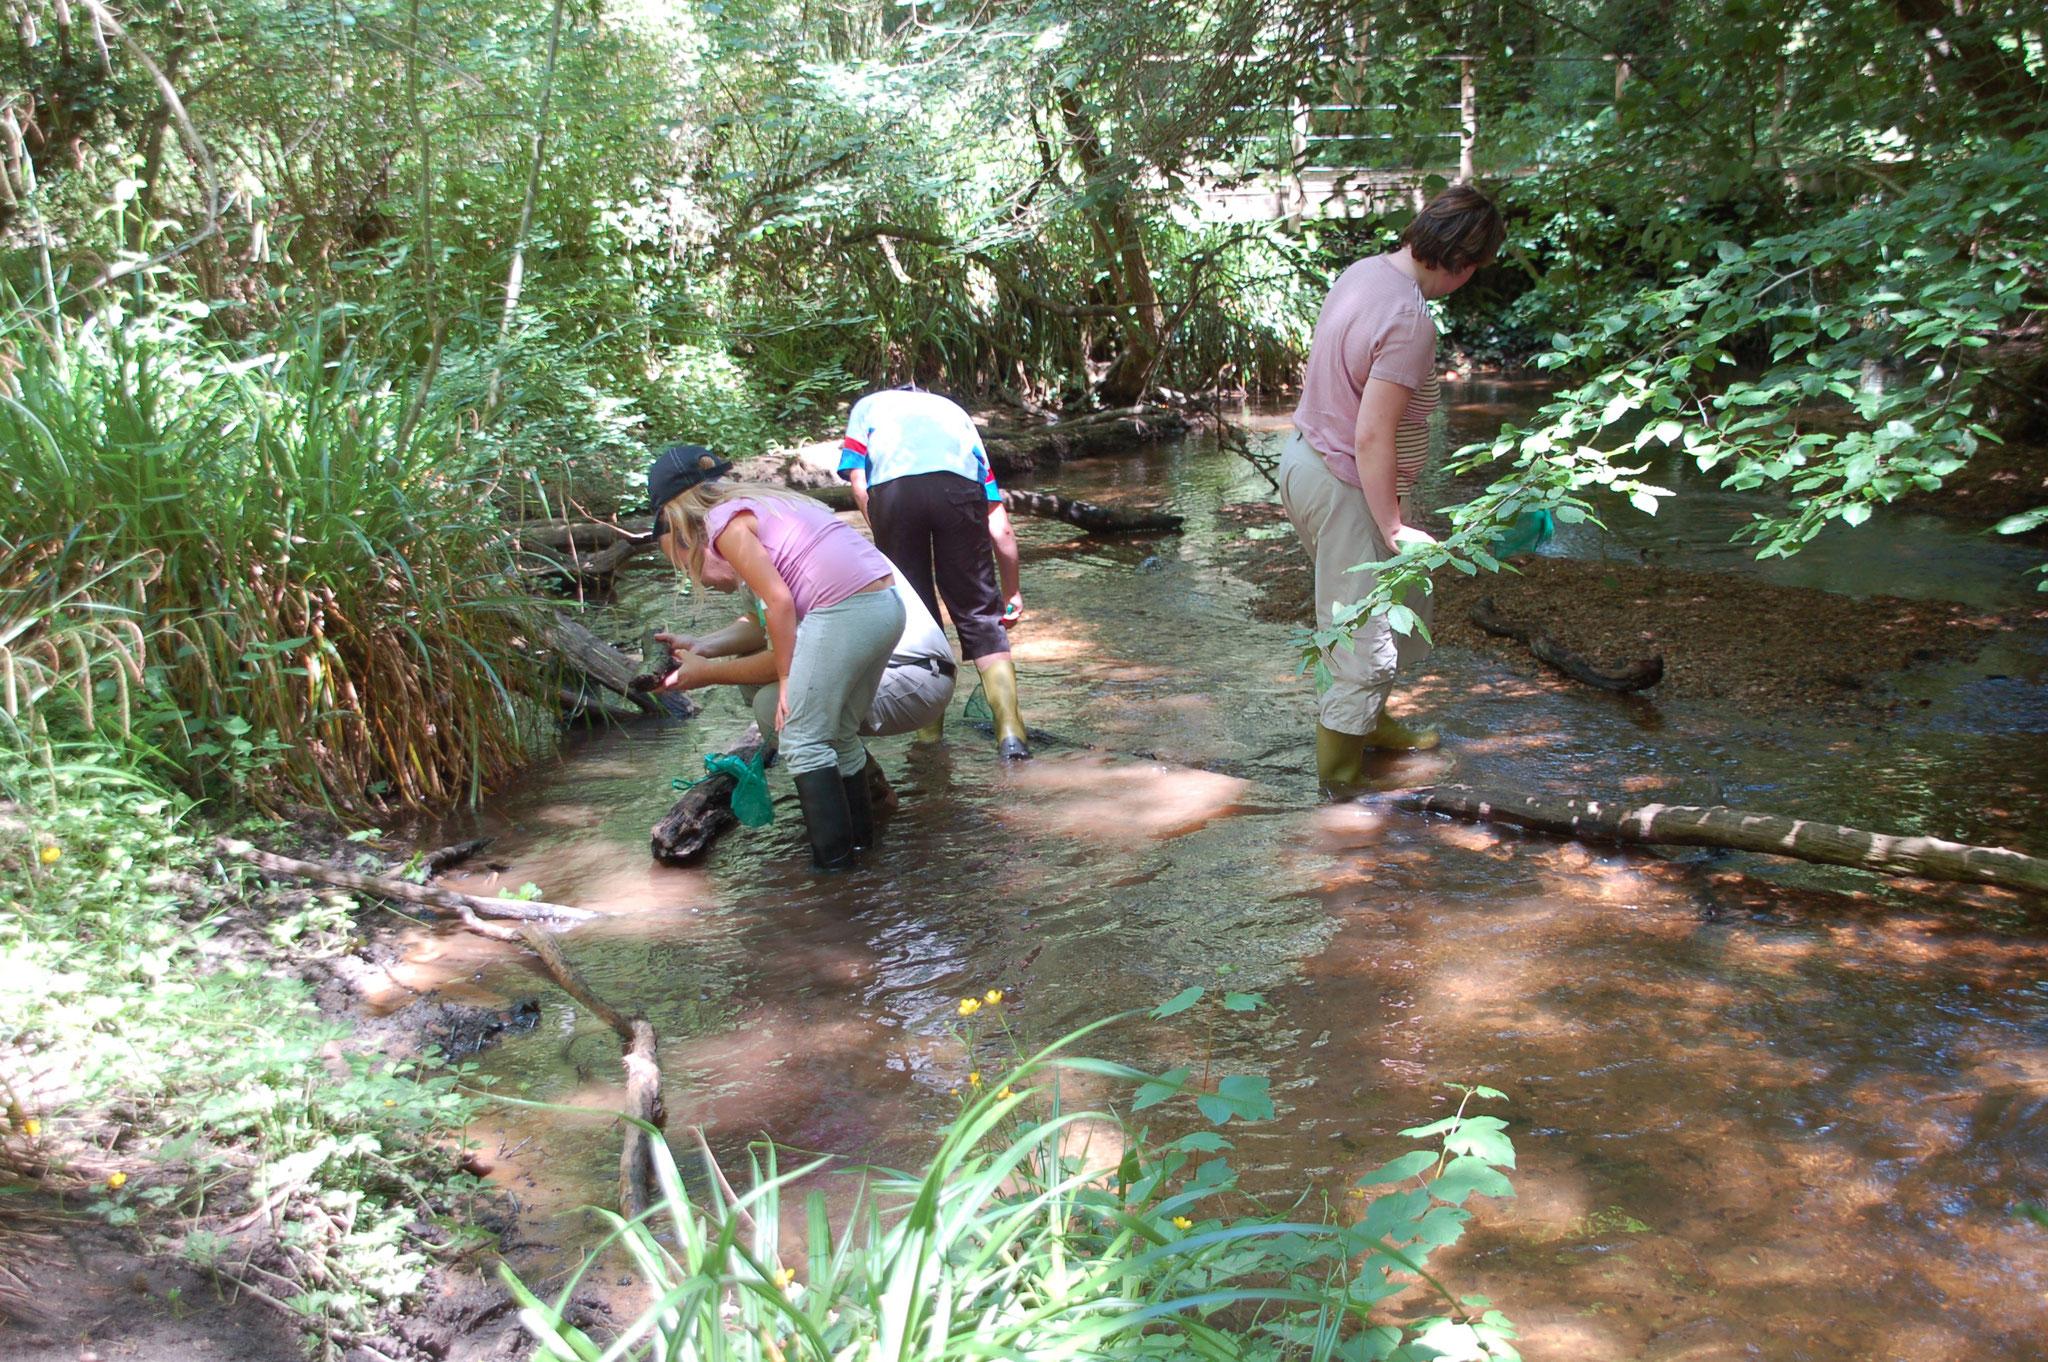 Anim'O : à la recherche des petites bêtes du ruisseau. Attention, prévoir bottes